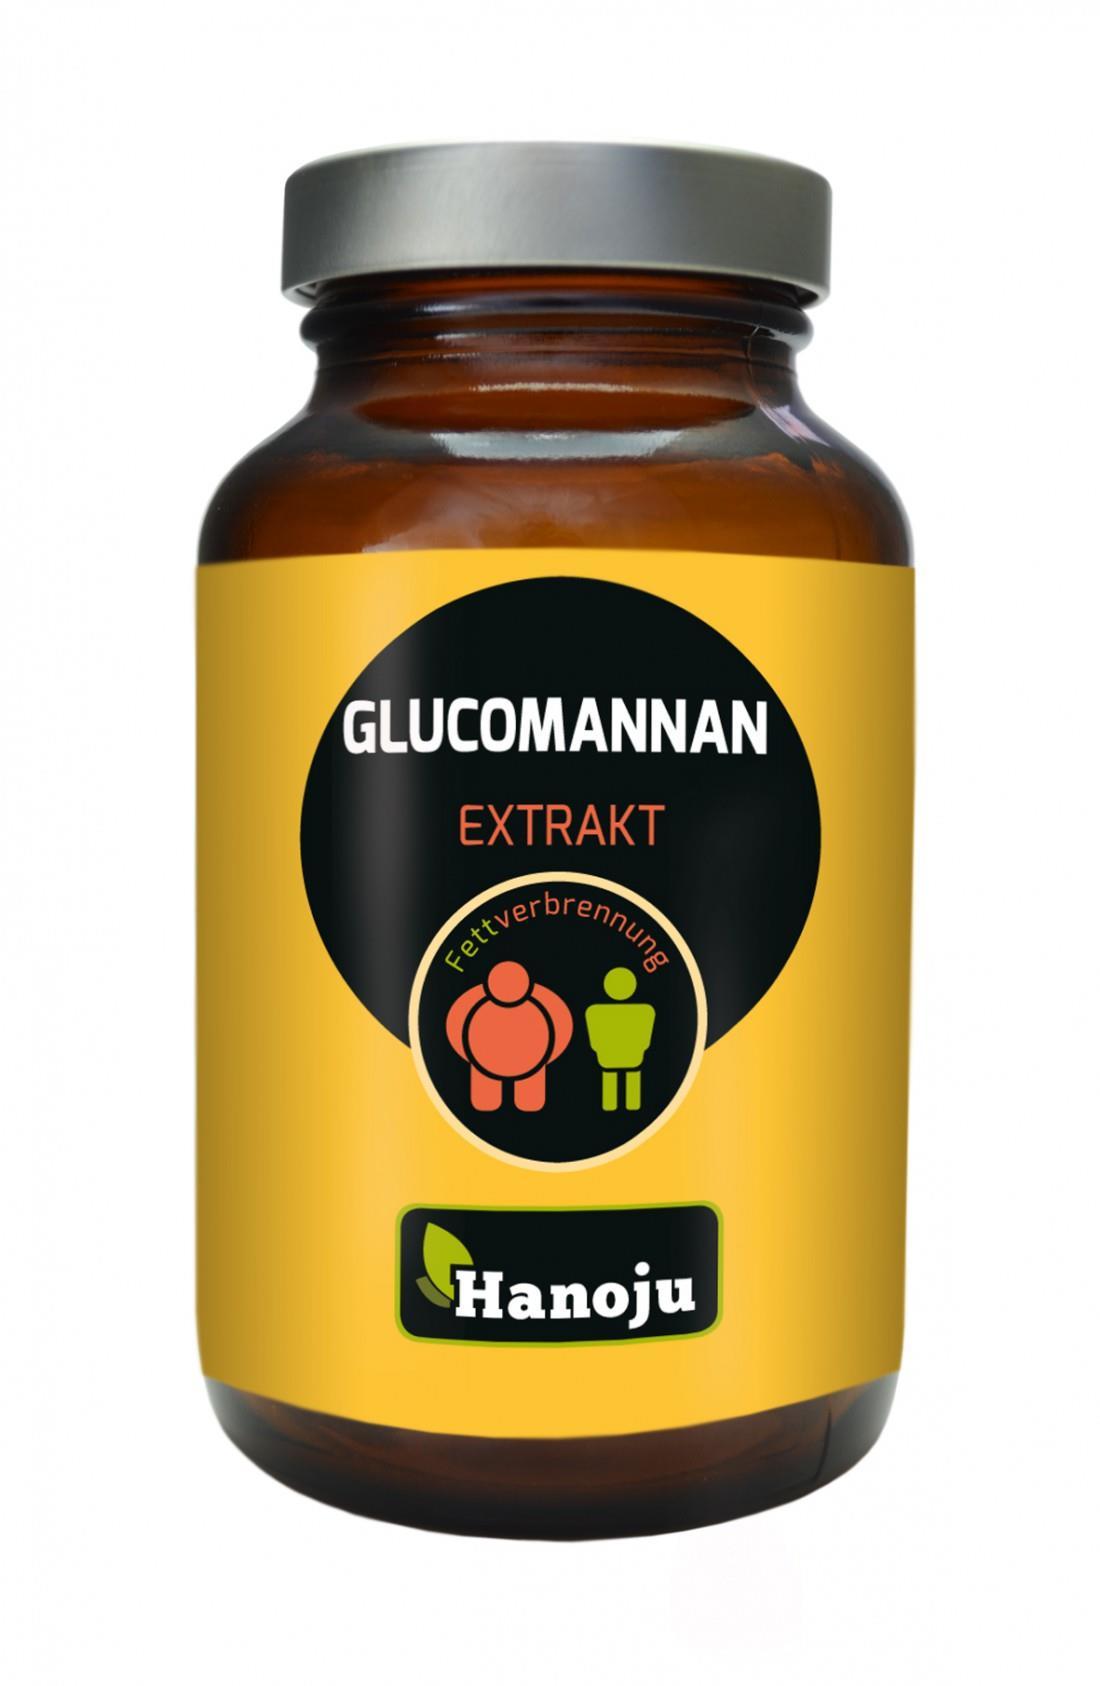 Glucomannan Extrakt Kapseln Hanoju